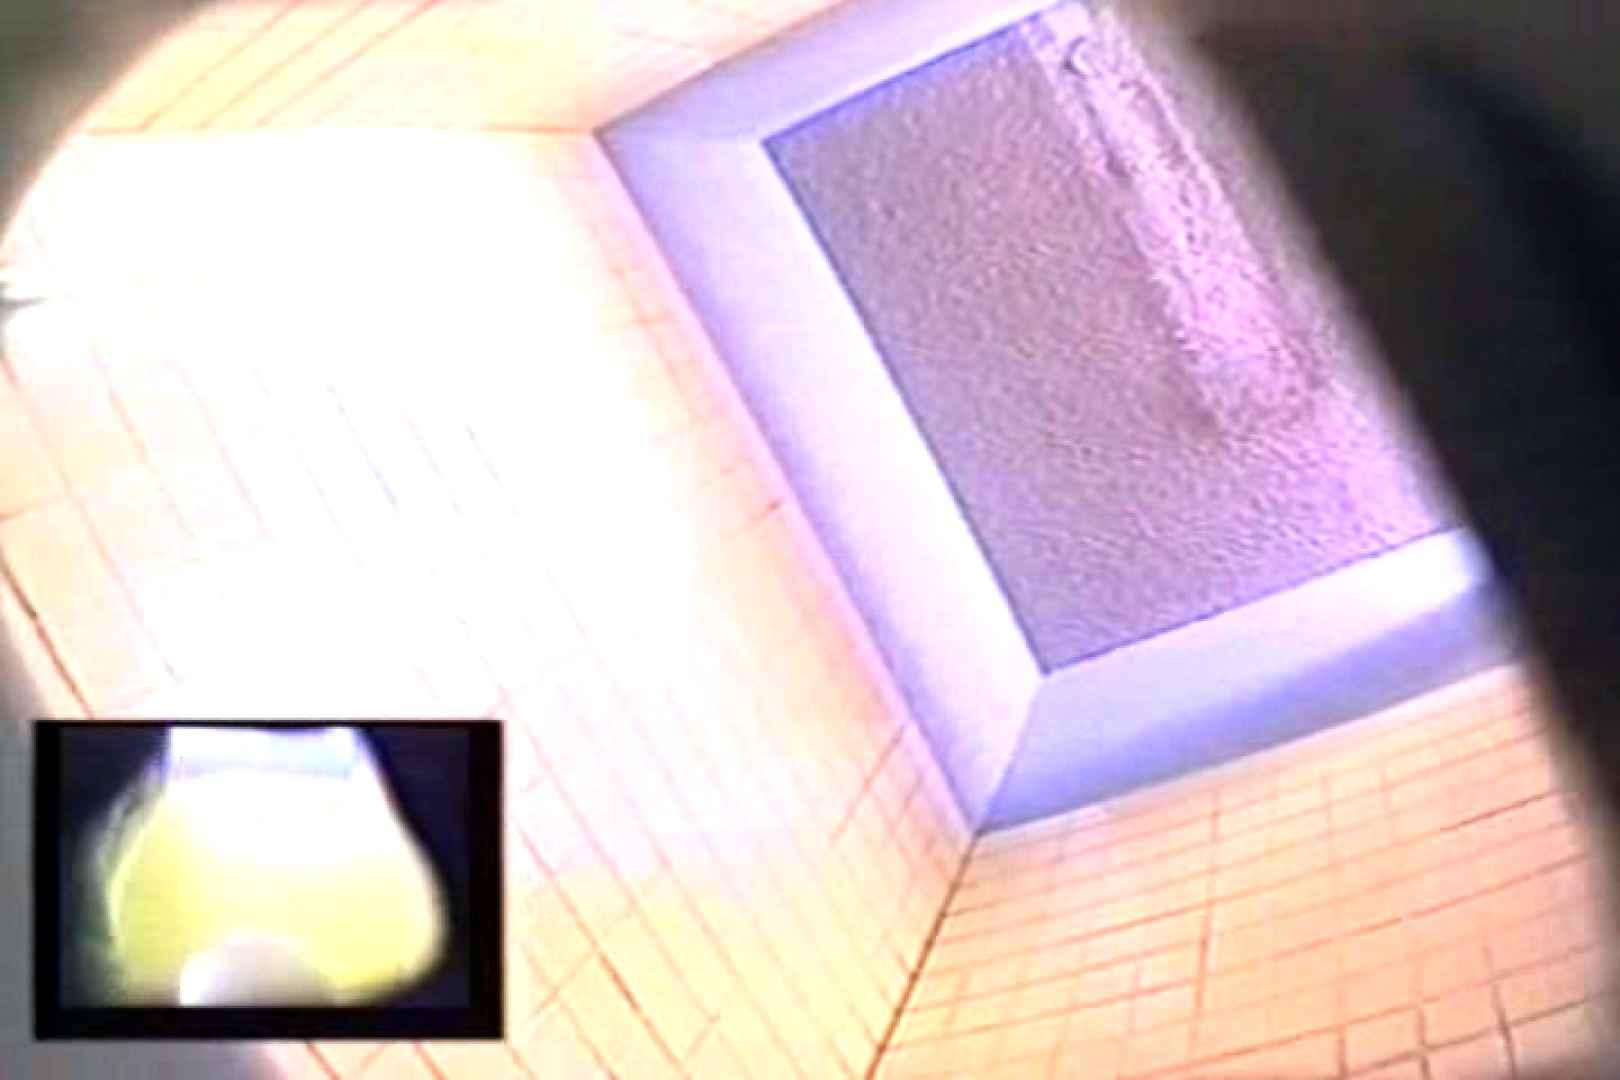 下半身シースルー洗面所Vol.1 現役ギャル のぞき動画画像 101pic 75